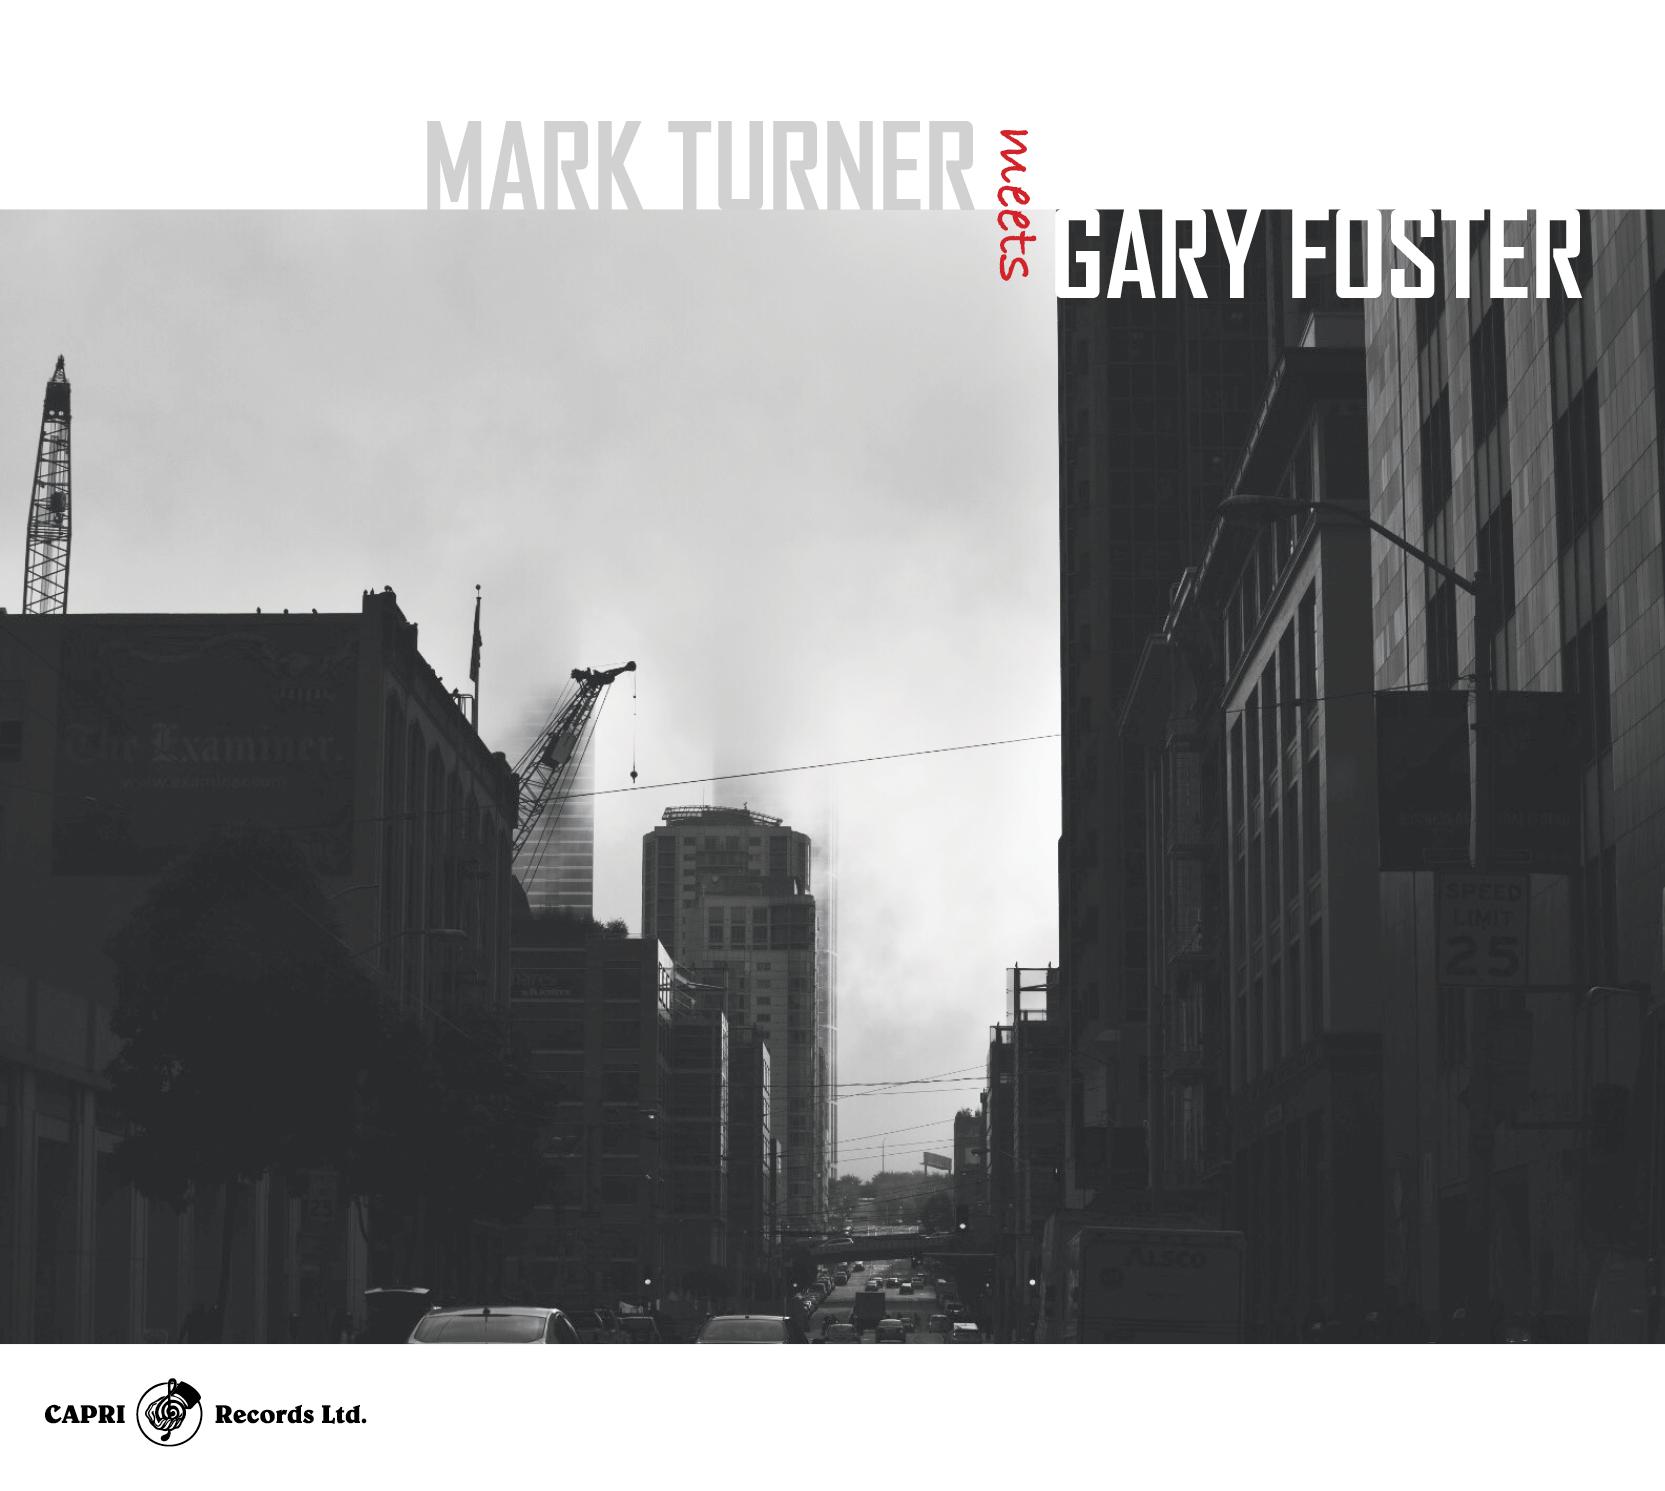 Publicado el doble disco Mark Turner Meets Gary Foster